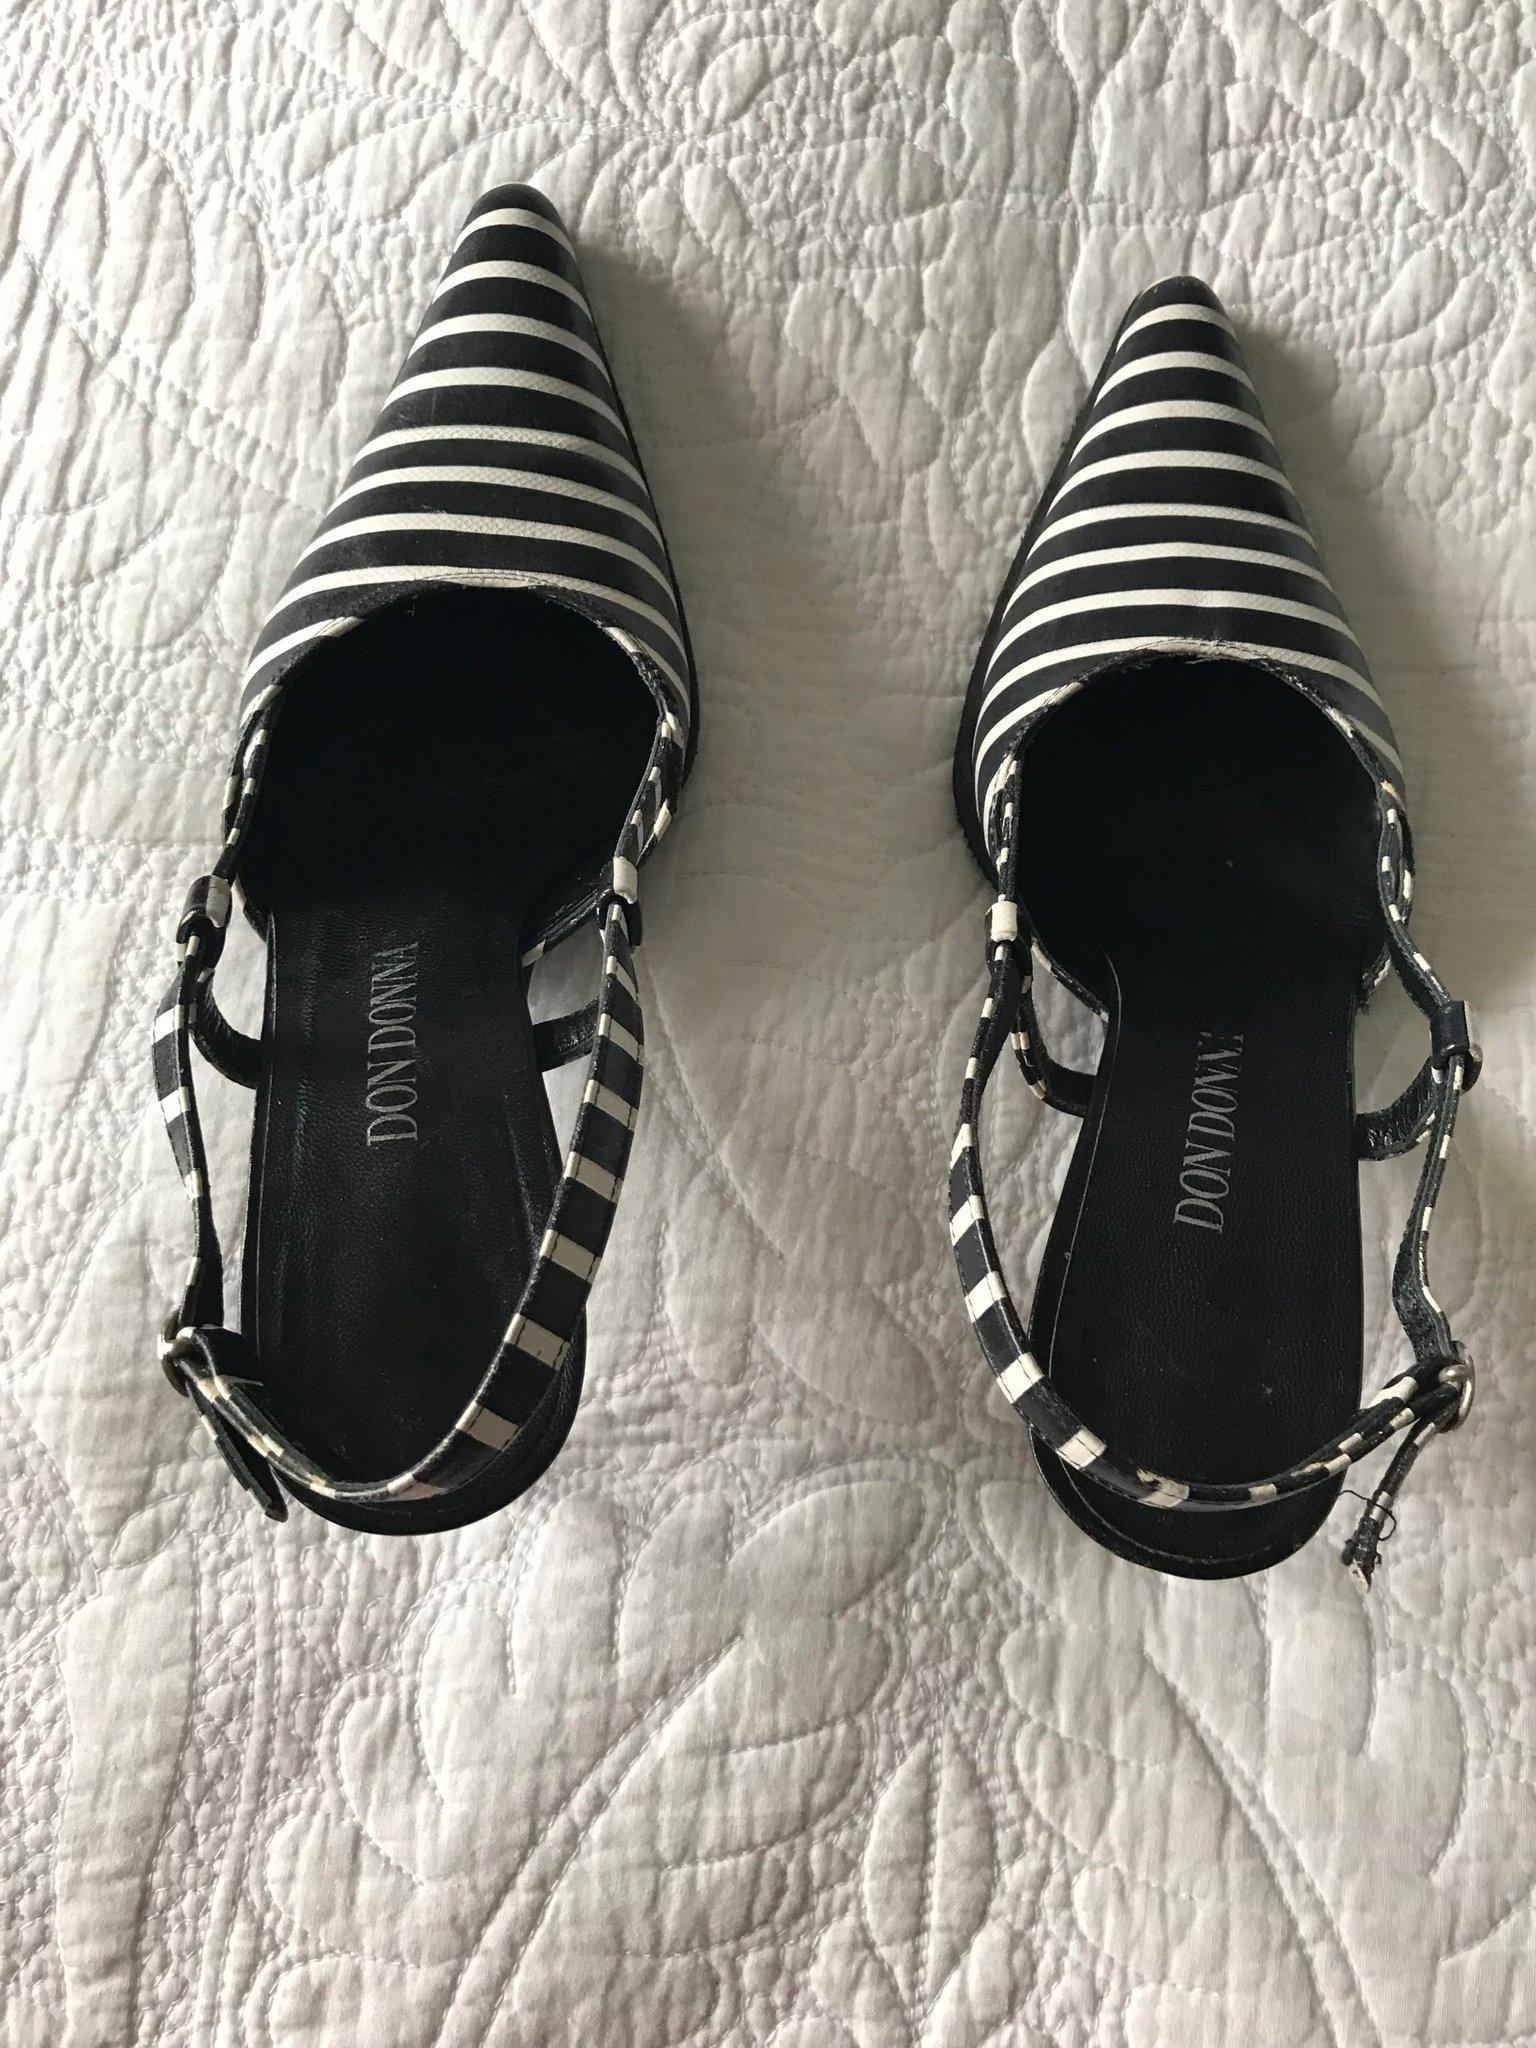 Don Donna skor i svart och vitt (368103492) ᐈ Köp på Tradera